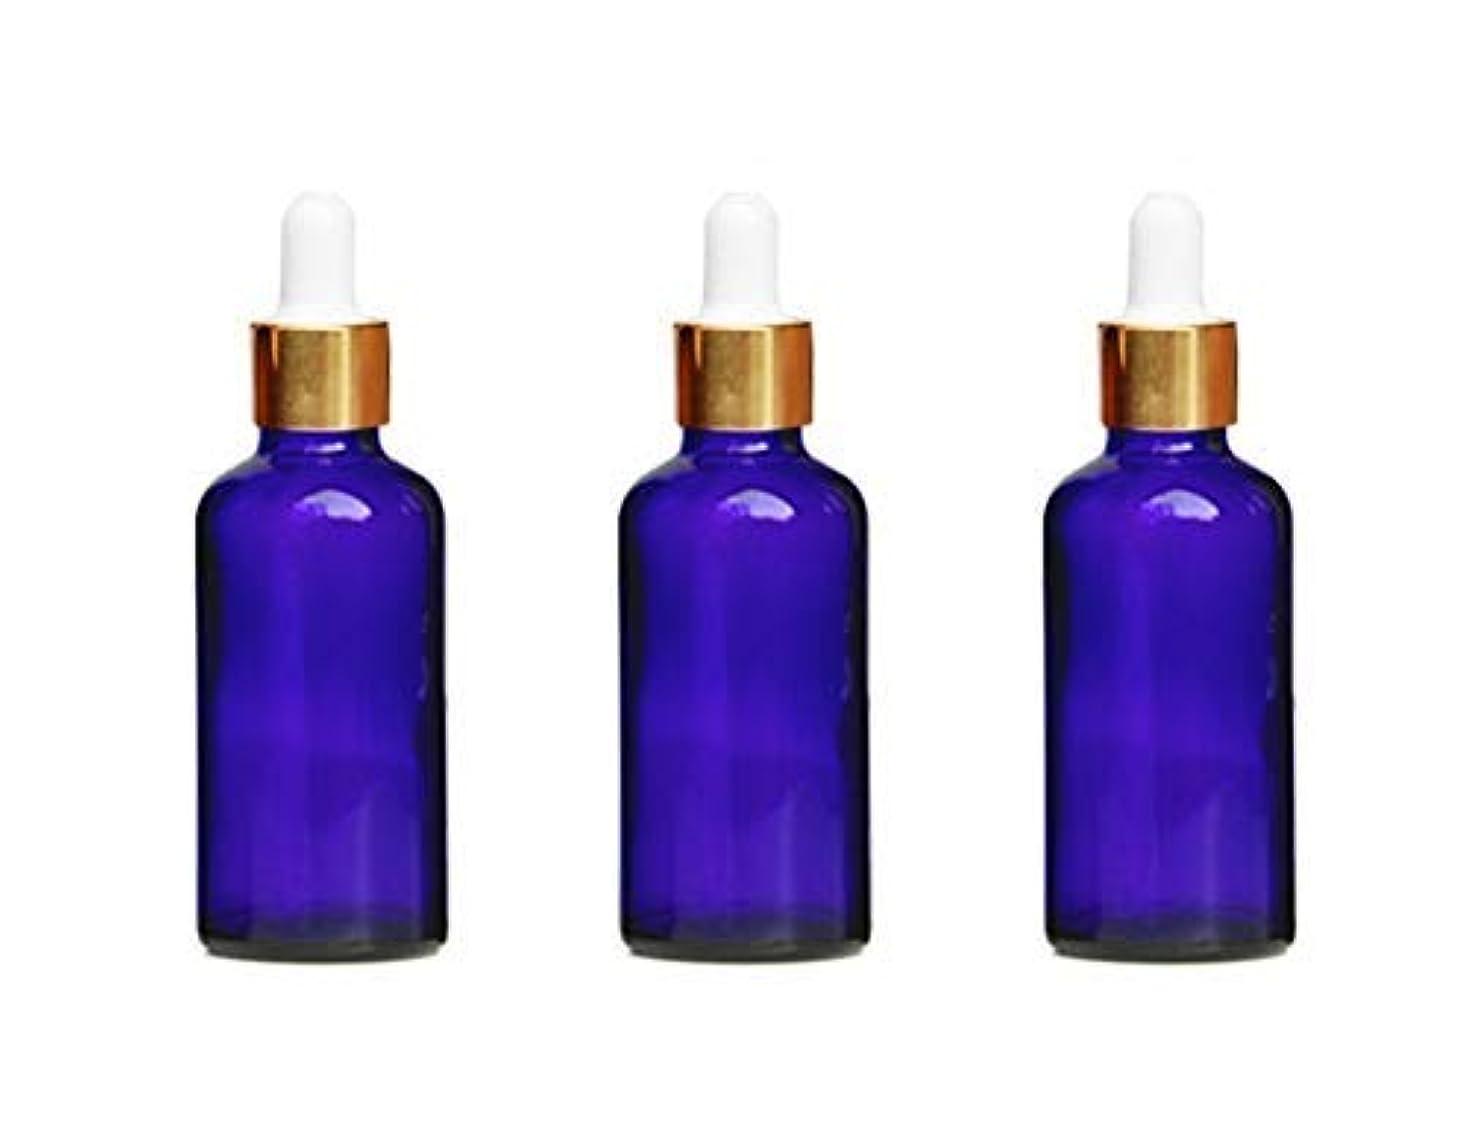 九月バーストお嬢3Pcs Blue Glass Essential Oil Dropper Bottles Empty Refillable Makeup Cosmetic Sample Container Jars With Glass...